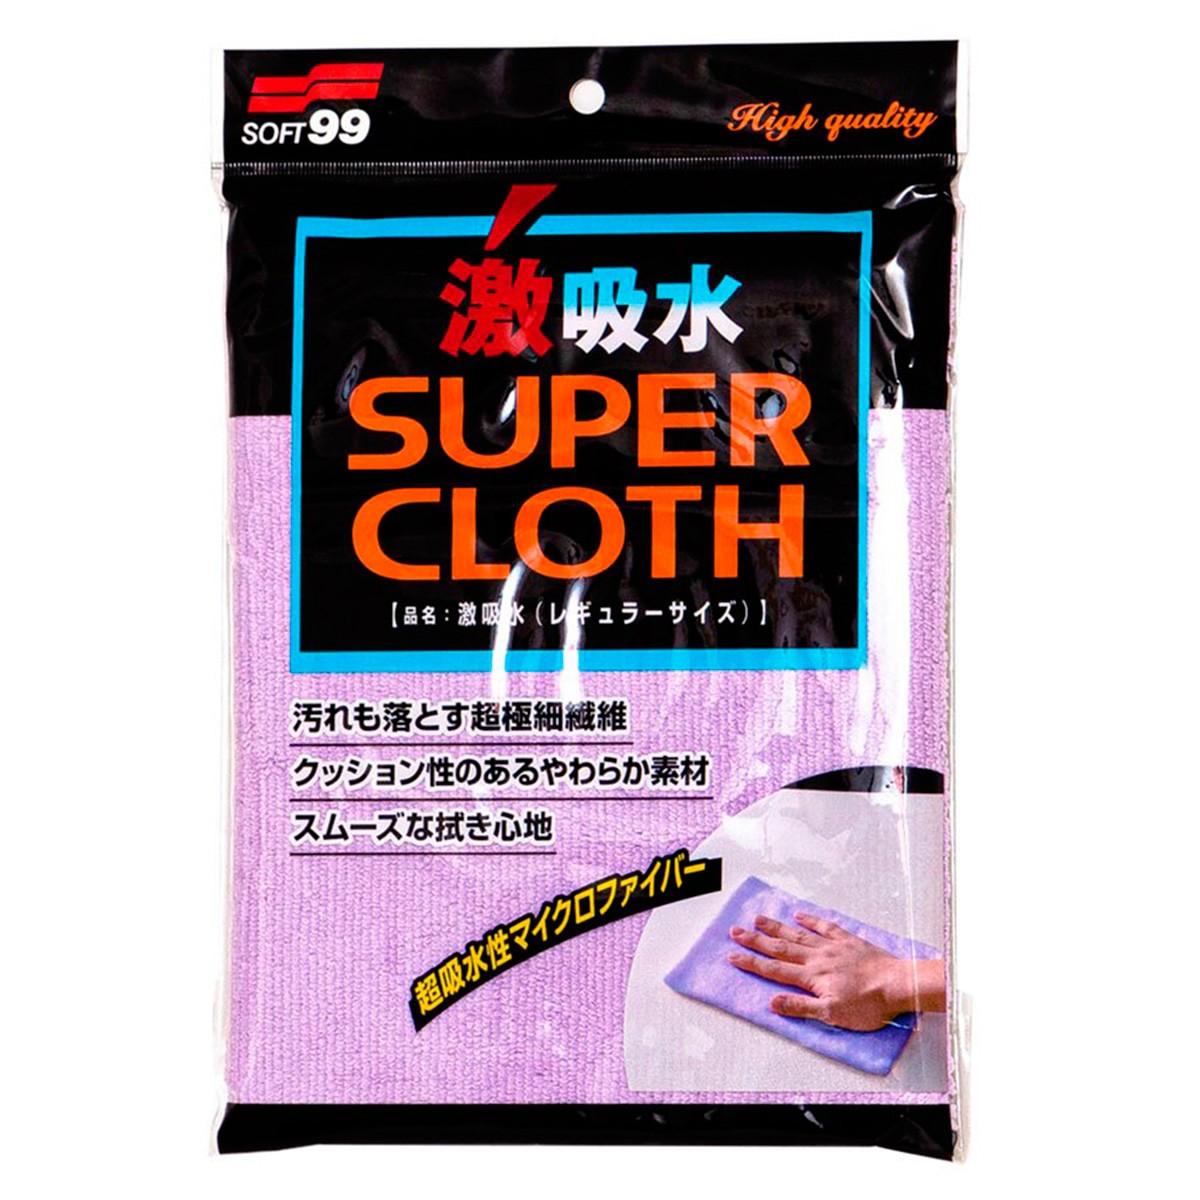 Toalha Automotiva Super Cloth Microfibra de Alta Absorção - Soft99